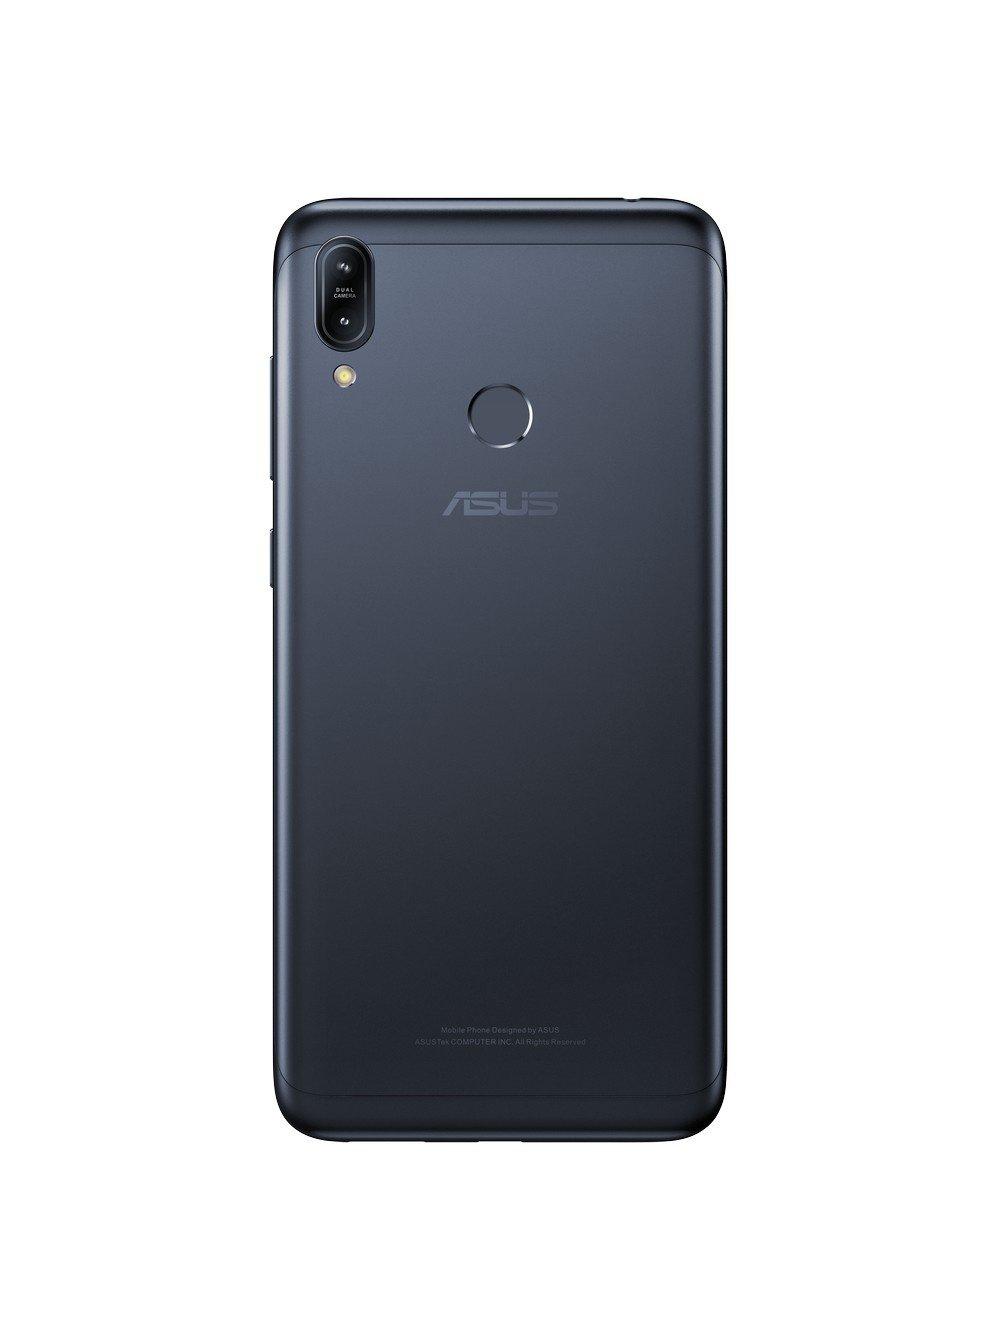 Смартфон Asus ZenFone Max (M2) 4/32G (ZB633KL-4A070EU) Black фото 11